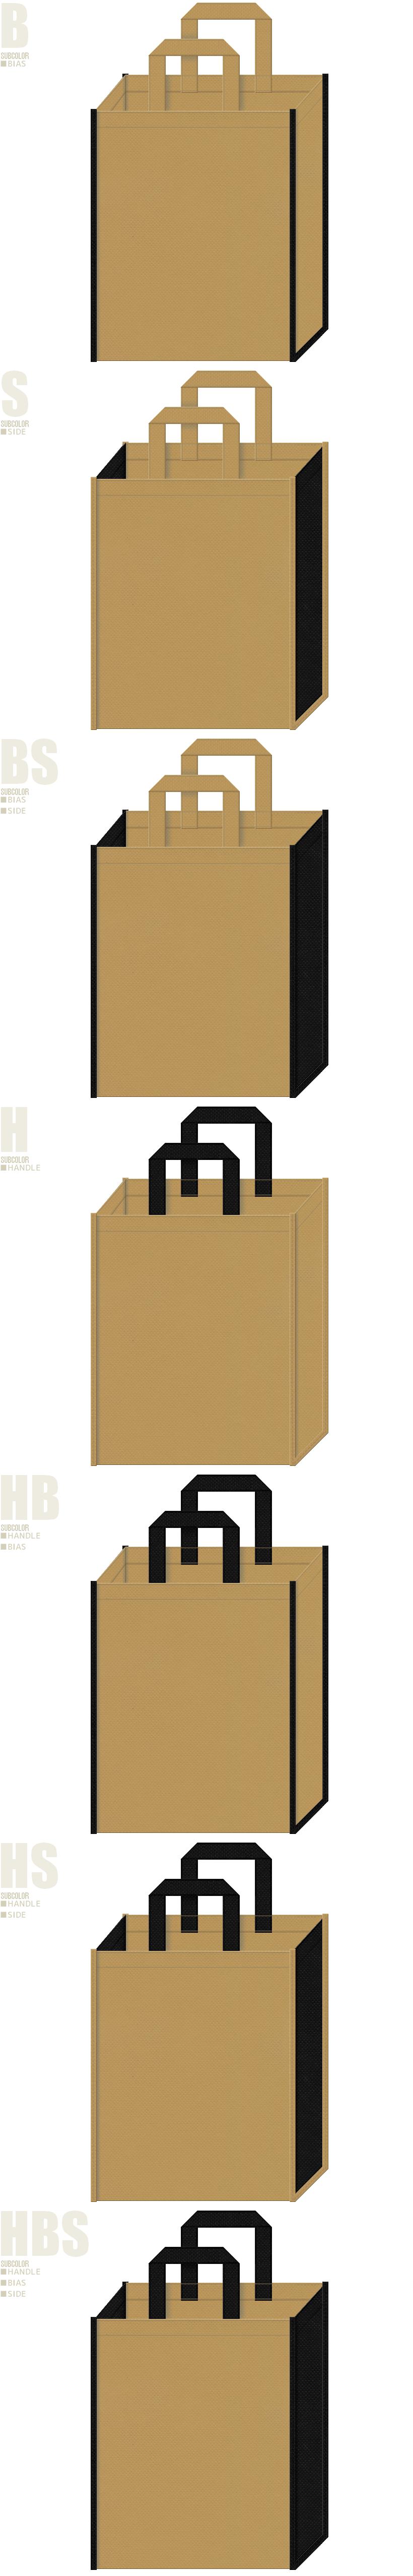 お城・屏風・襖・額縁・DIYの展示会用バッグにお奨の不織布バッグデザイン:金黄土色と黒色の不織布バッグ配色7パターン。